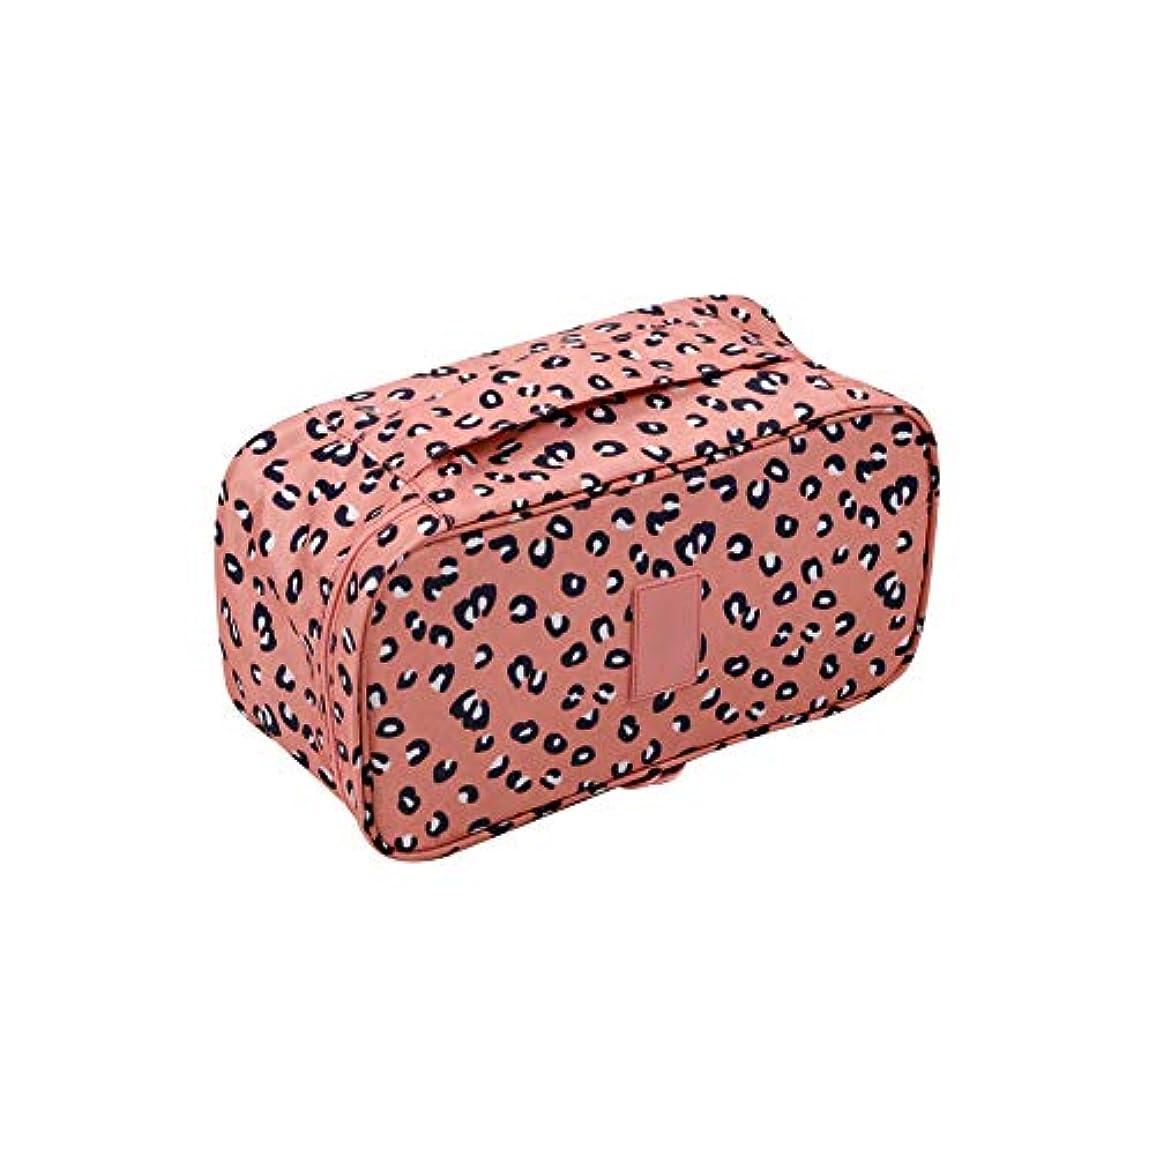 ユーモアあなたは夜トラベルウォッシュバッグ化粧ポーチマネージャスタイルの4種類の可能なキュートなトートショッピングバッグ女性のヒョウの財布化粧品袋化粧品袋